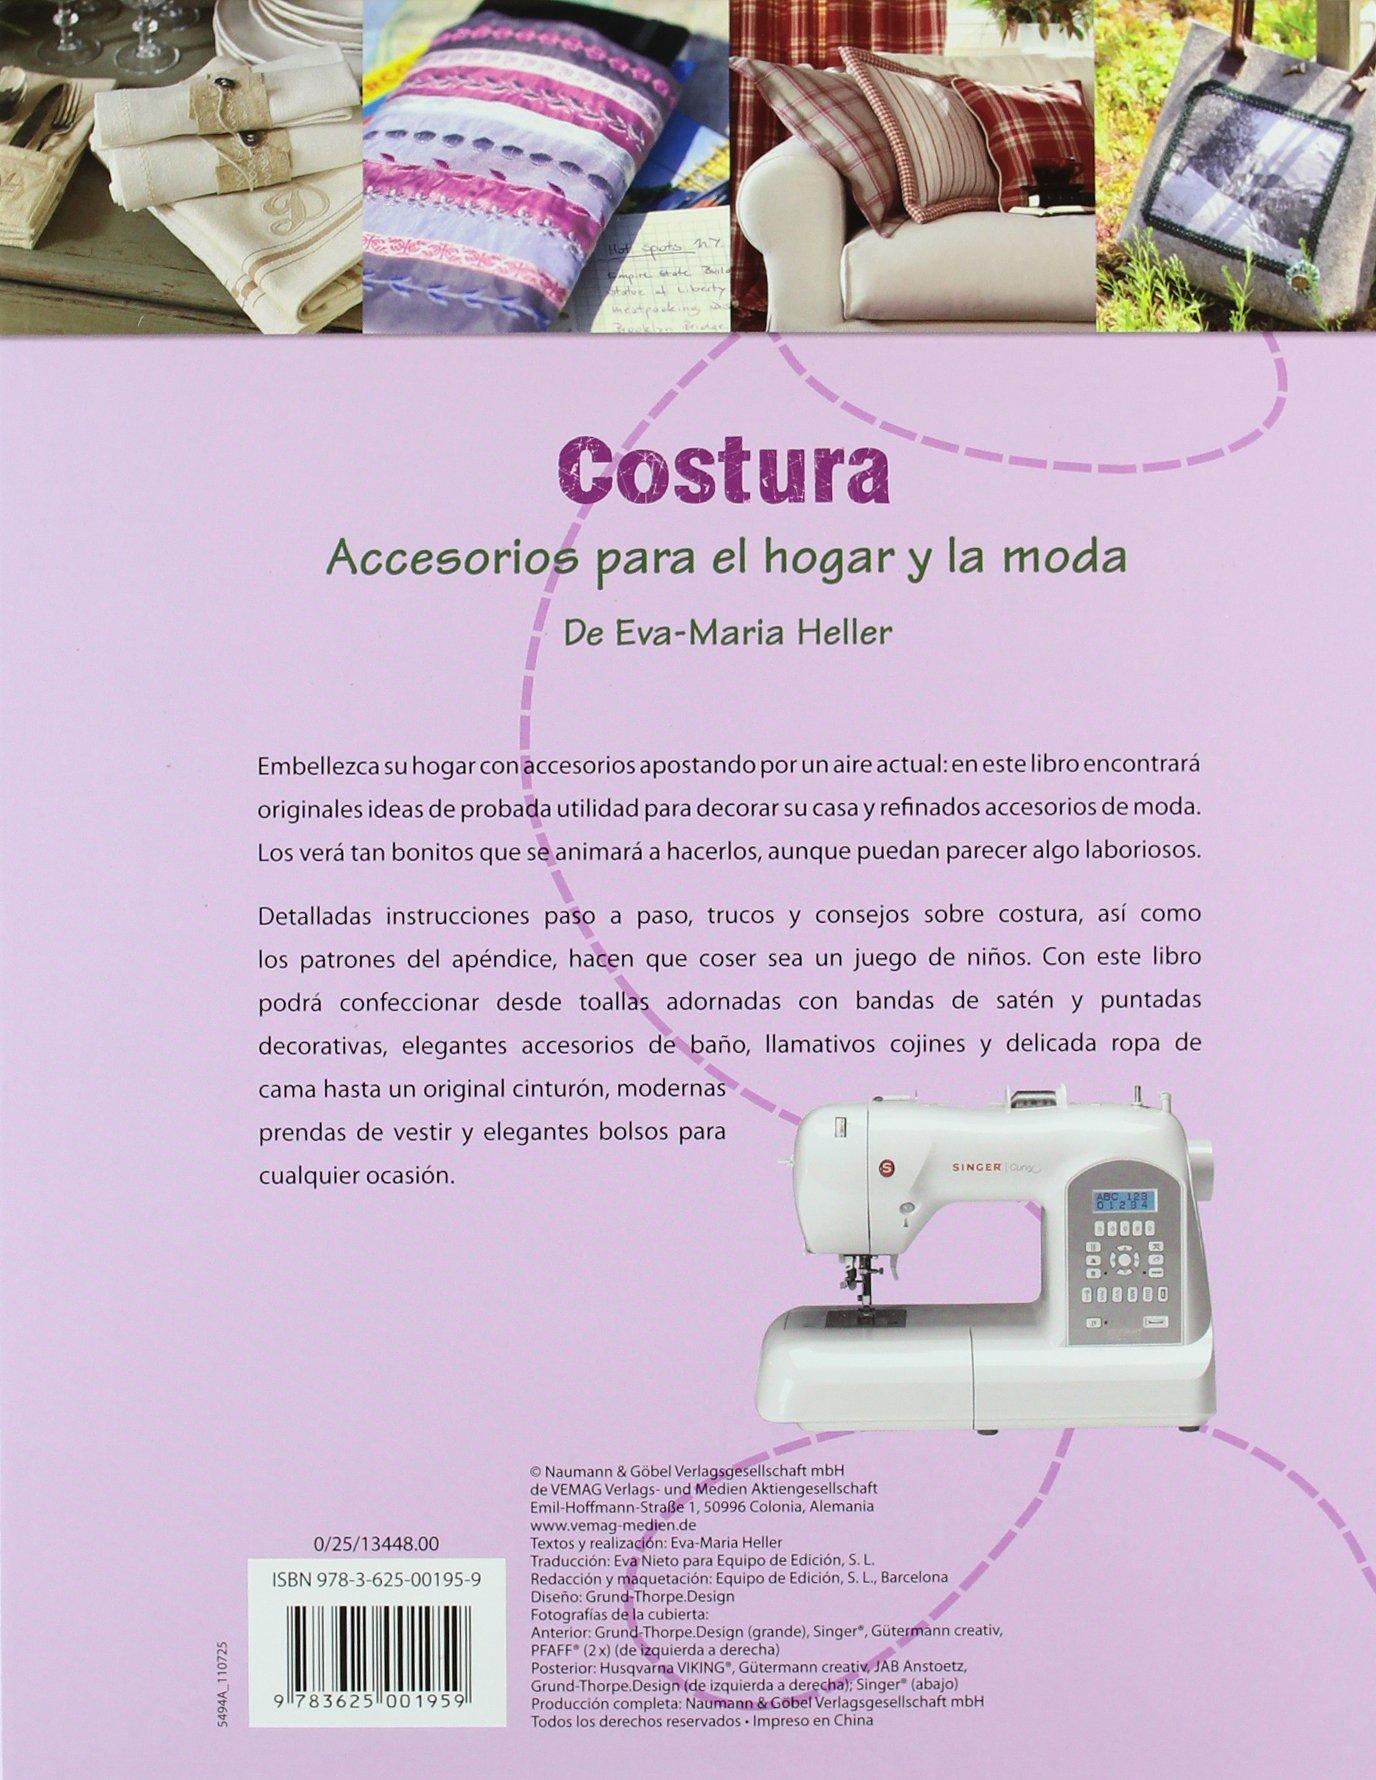 COSTURA:ACCESORIOS HOGAR Y MODA: Varios: 9783625001959: Amazon.com: Books